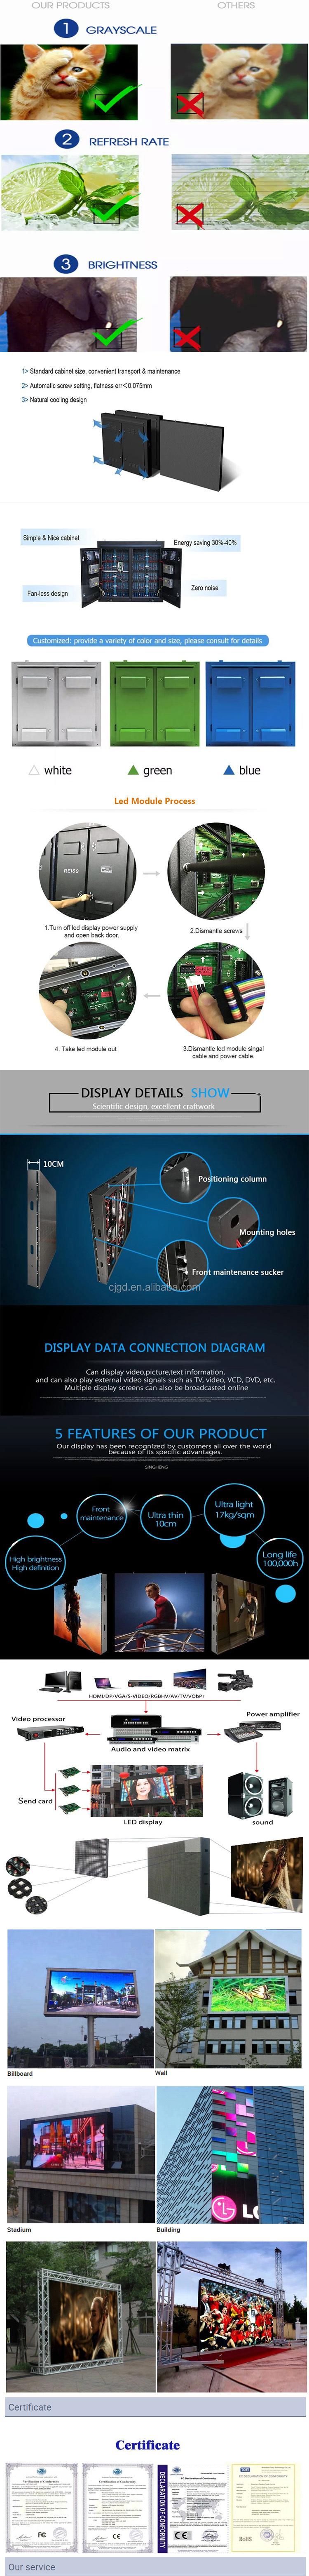 الإعلان التجاري في الهواء الطلق P6 شاشة led/علامة led/لوحة عرض إعلانات مزودة بلمبات led